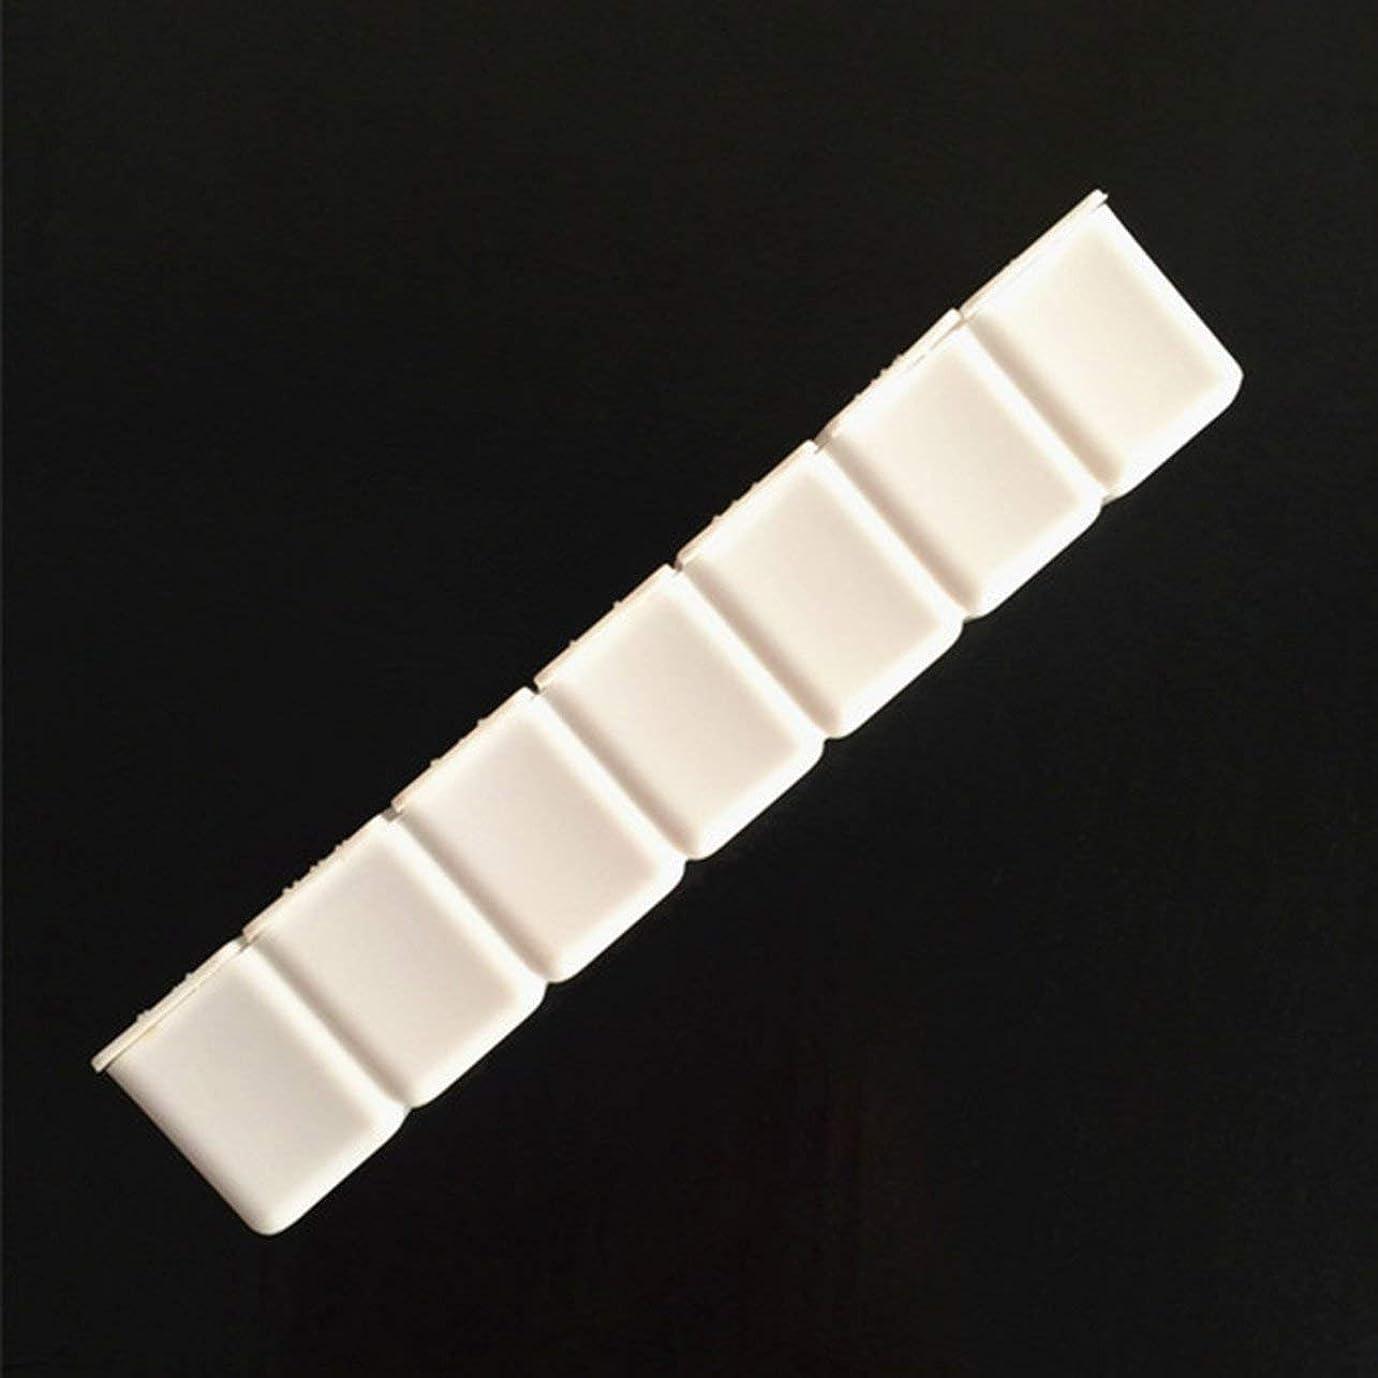 修羅場カバー香ばしいDeeploveUU 7グリッド小さなクリアピルボックスポータブルトラベルビタミンケース収納オーガナイザー複数コンパートメントピルコンテナ